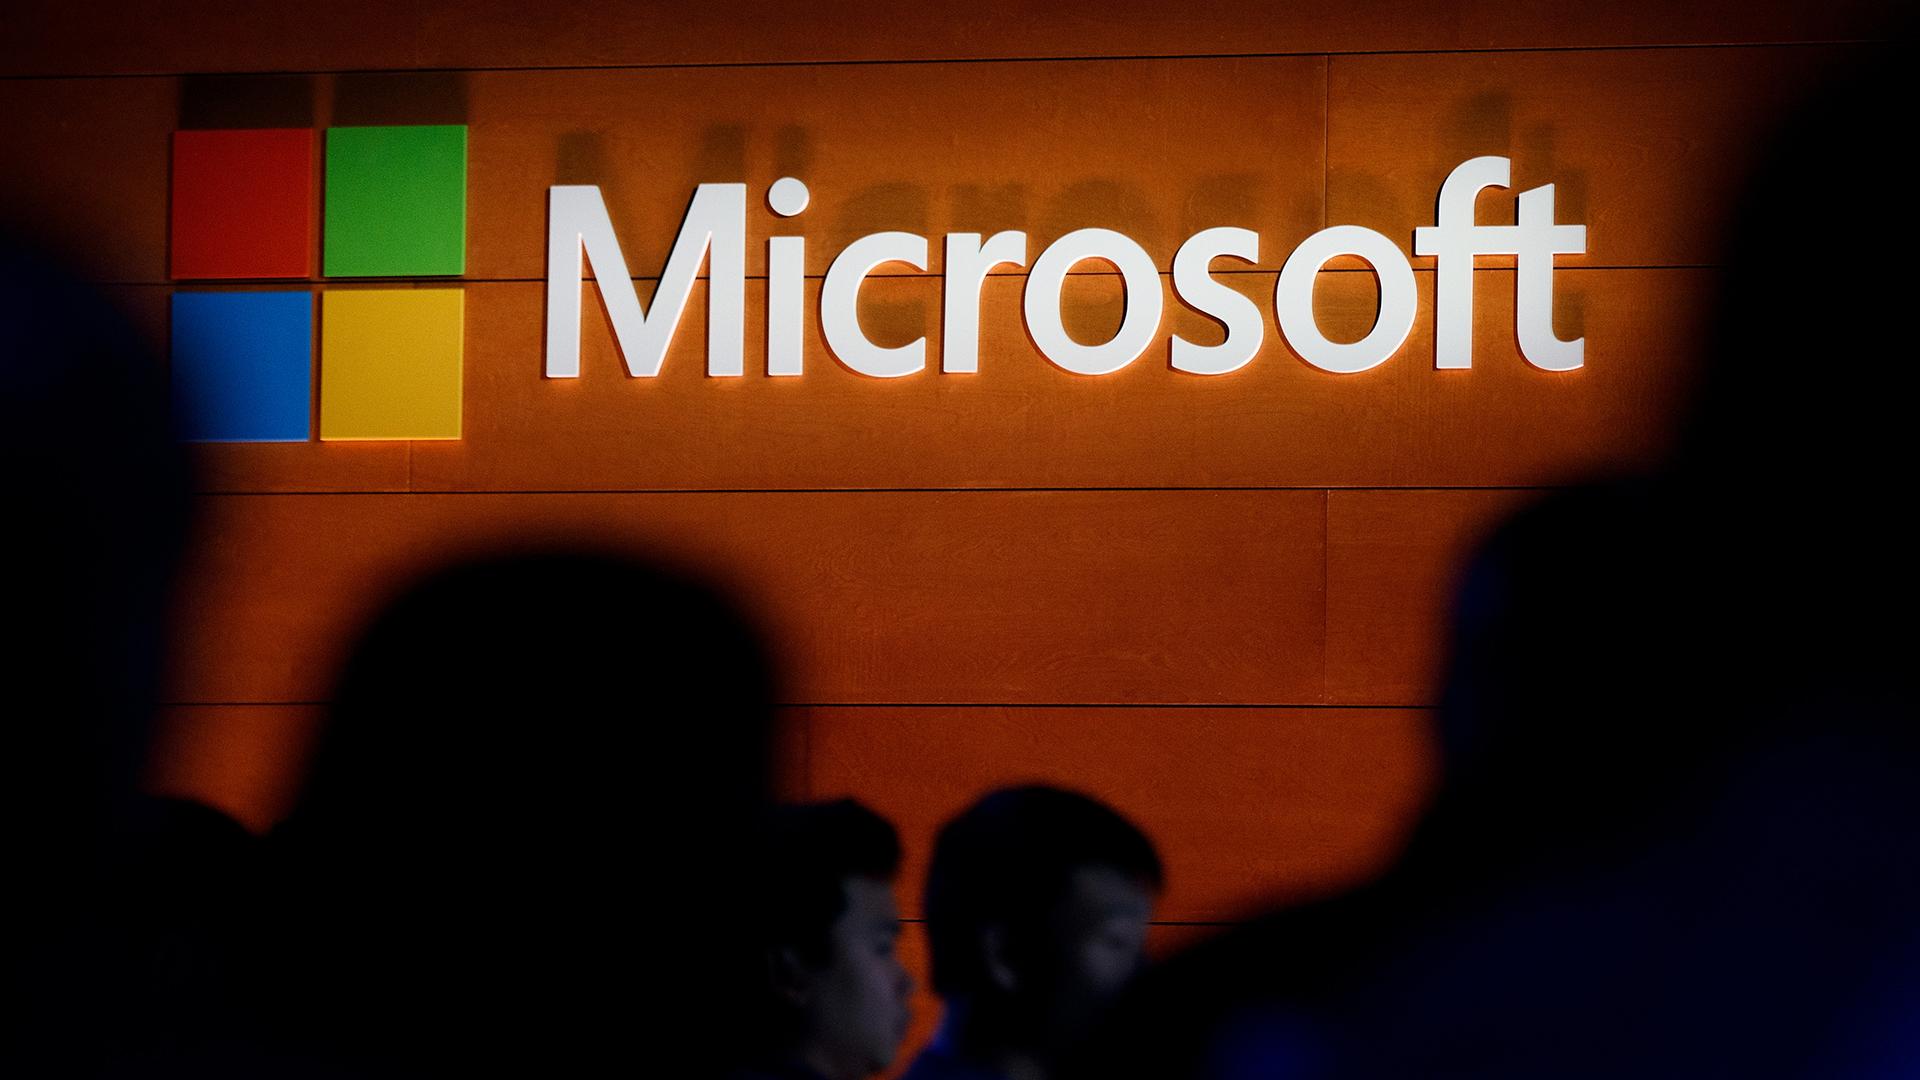 Microsoft logo on a wall-159532.jpg20041086